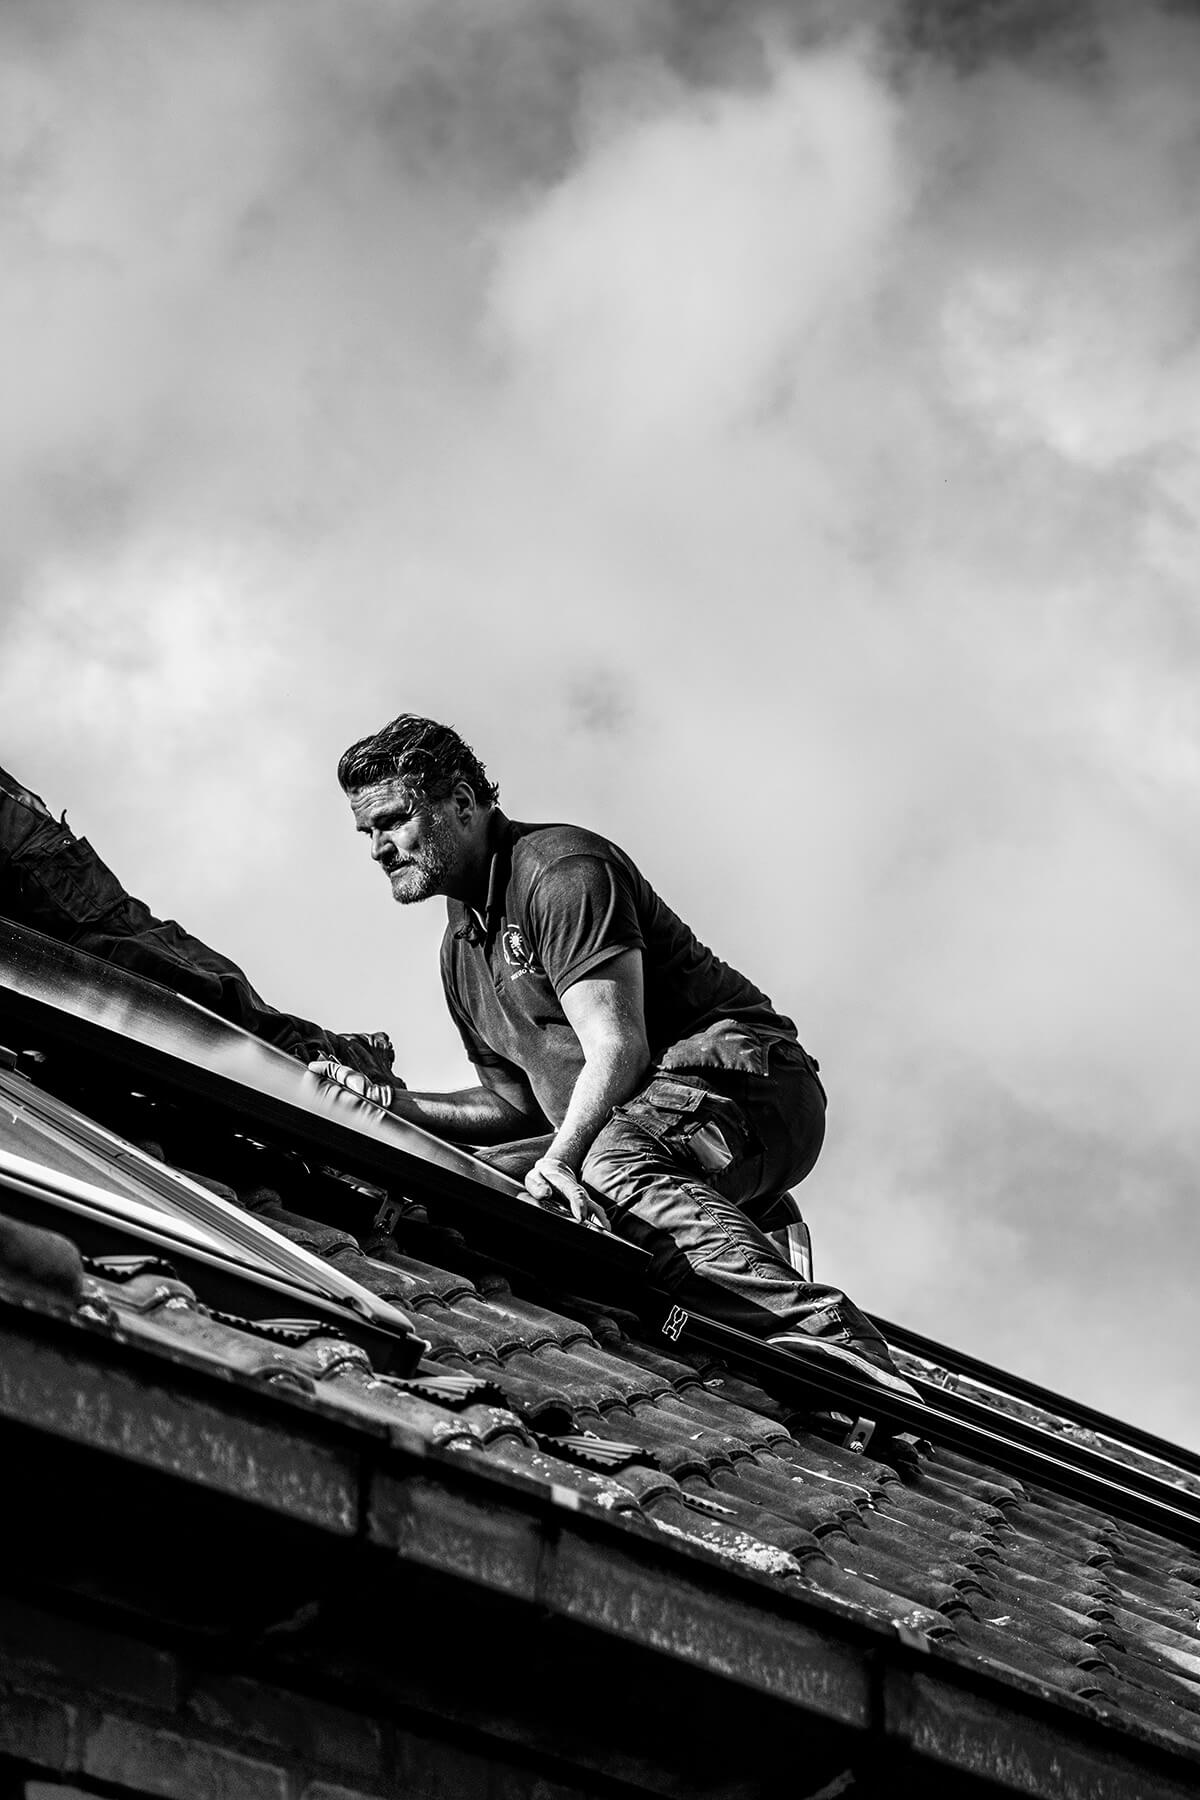 Zonnepanelen installateur houdt zonnepaneel op zijn plaats op een steil dak in zwart wit.